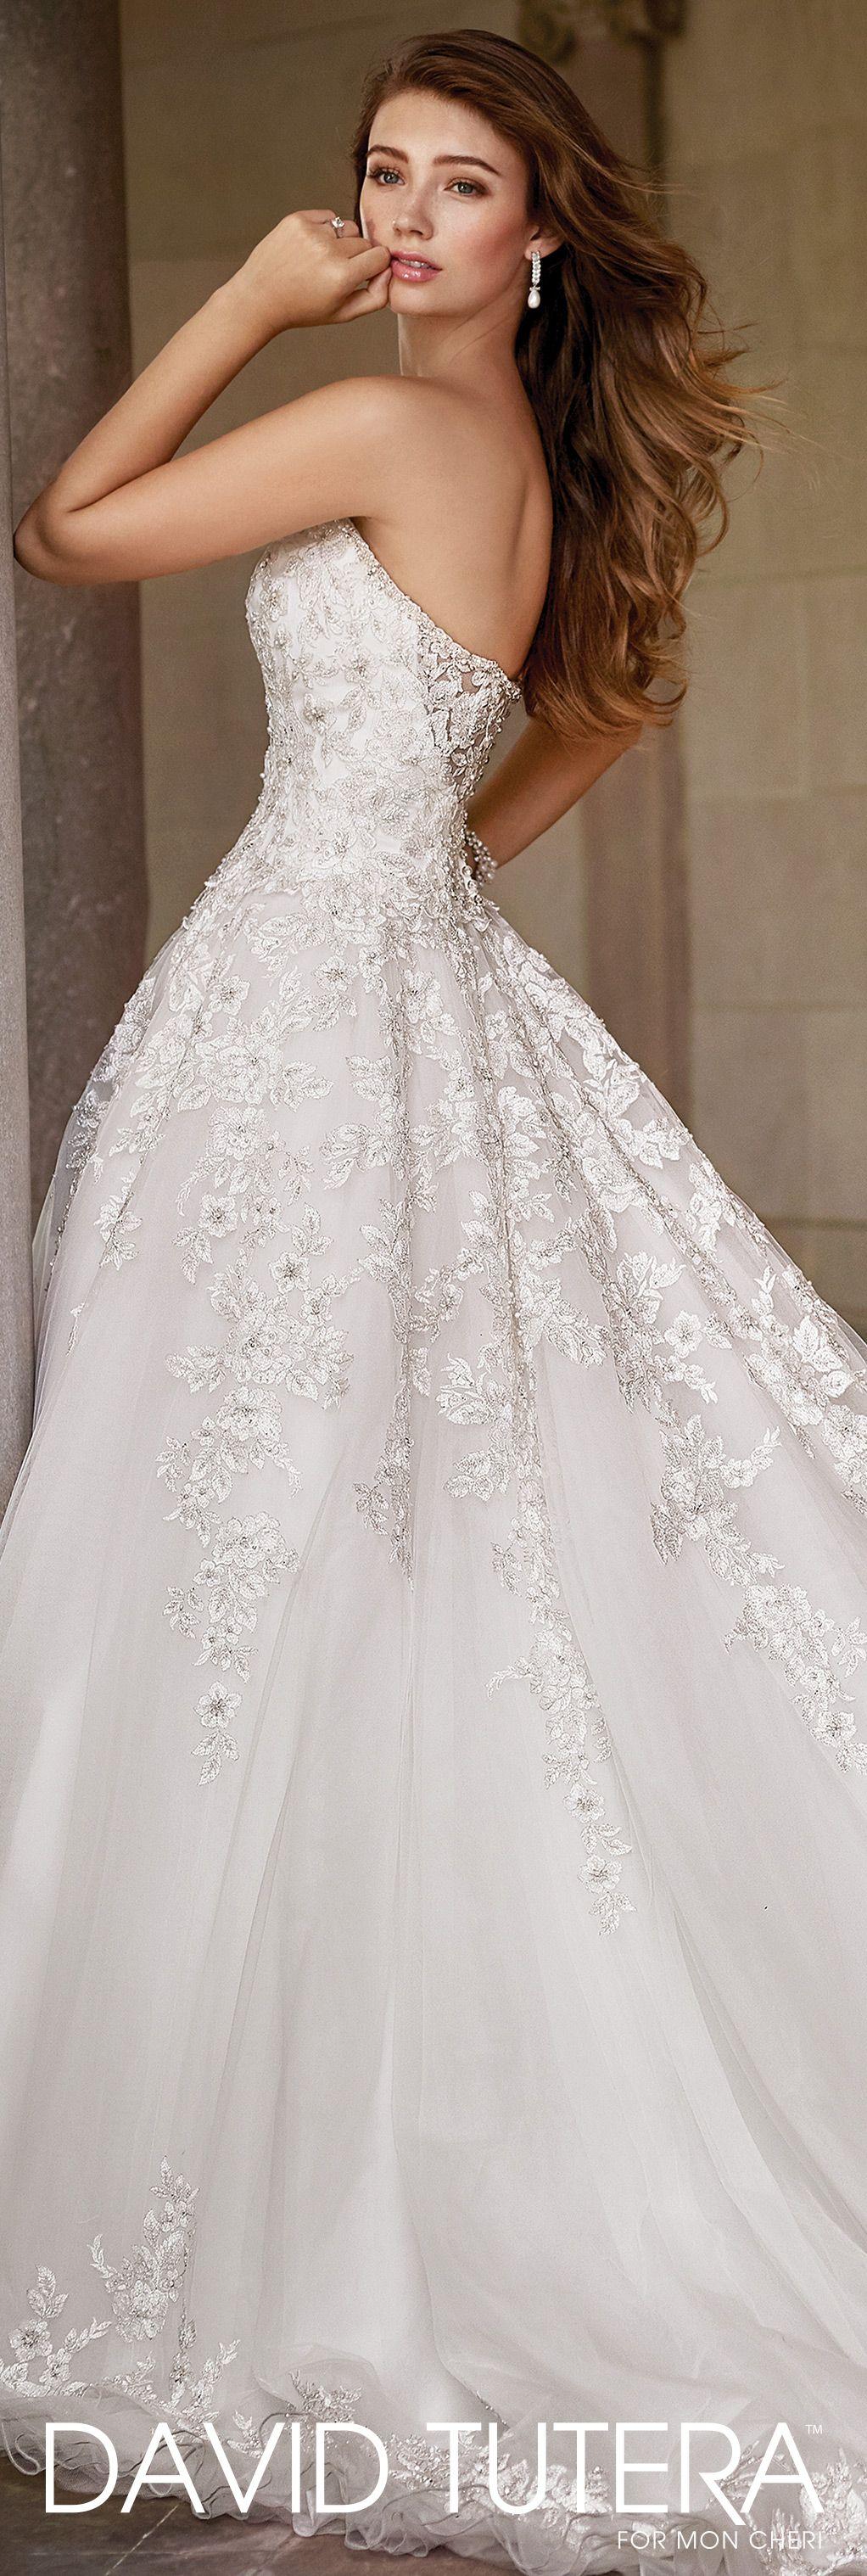 David tutera wedding dresses zarina wedding wedding